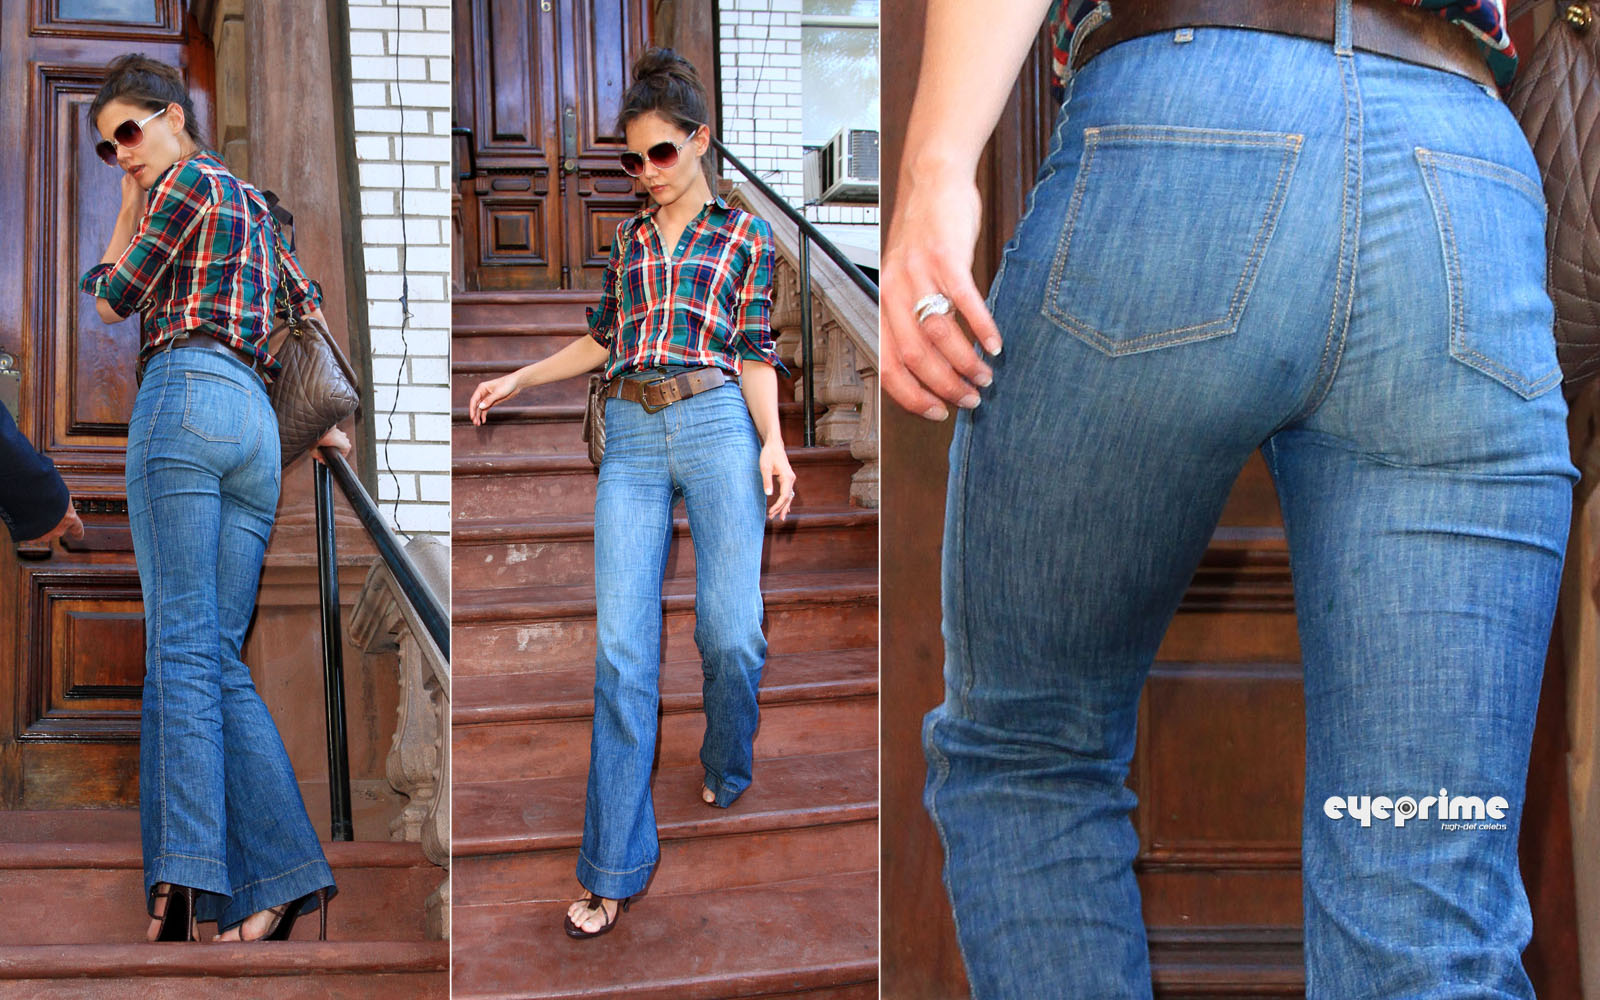 http://3.bp.blogspot.com/_cnya8urXwzU/TCBqBY-TyKI/AAAAAAAAITc/4u8gbsbhQ88/s1600/holmes_eyeprime_90.jpg